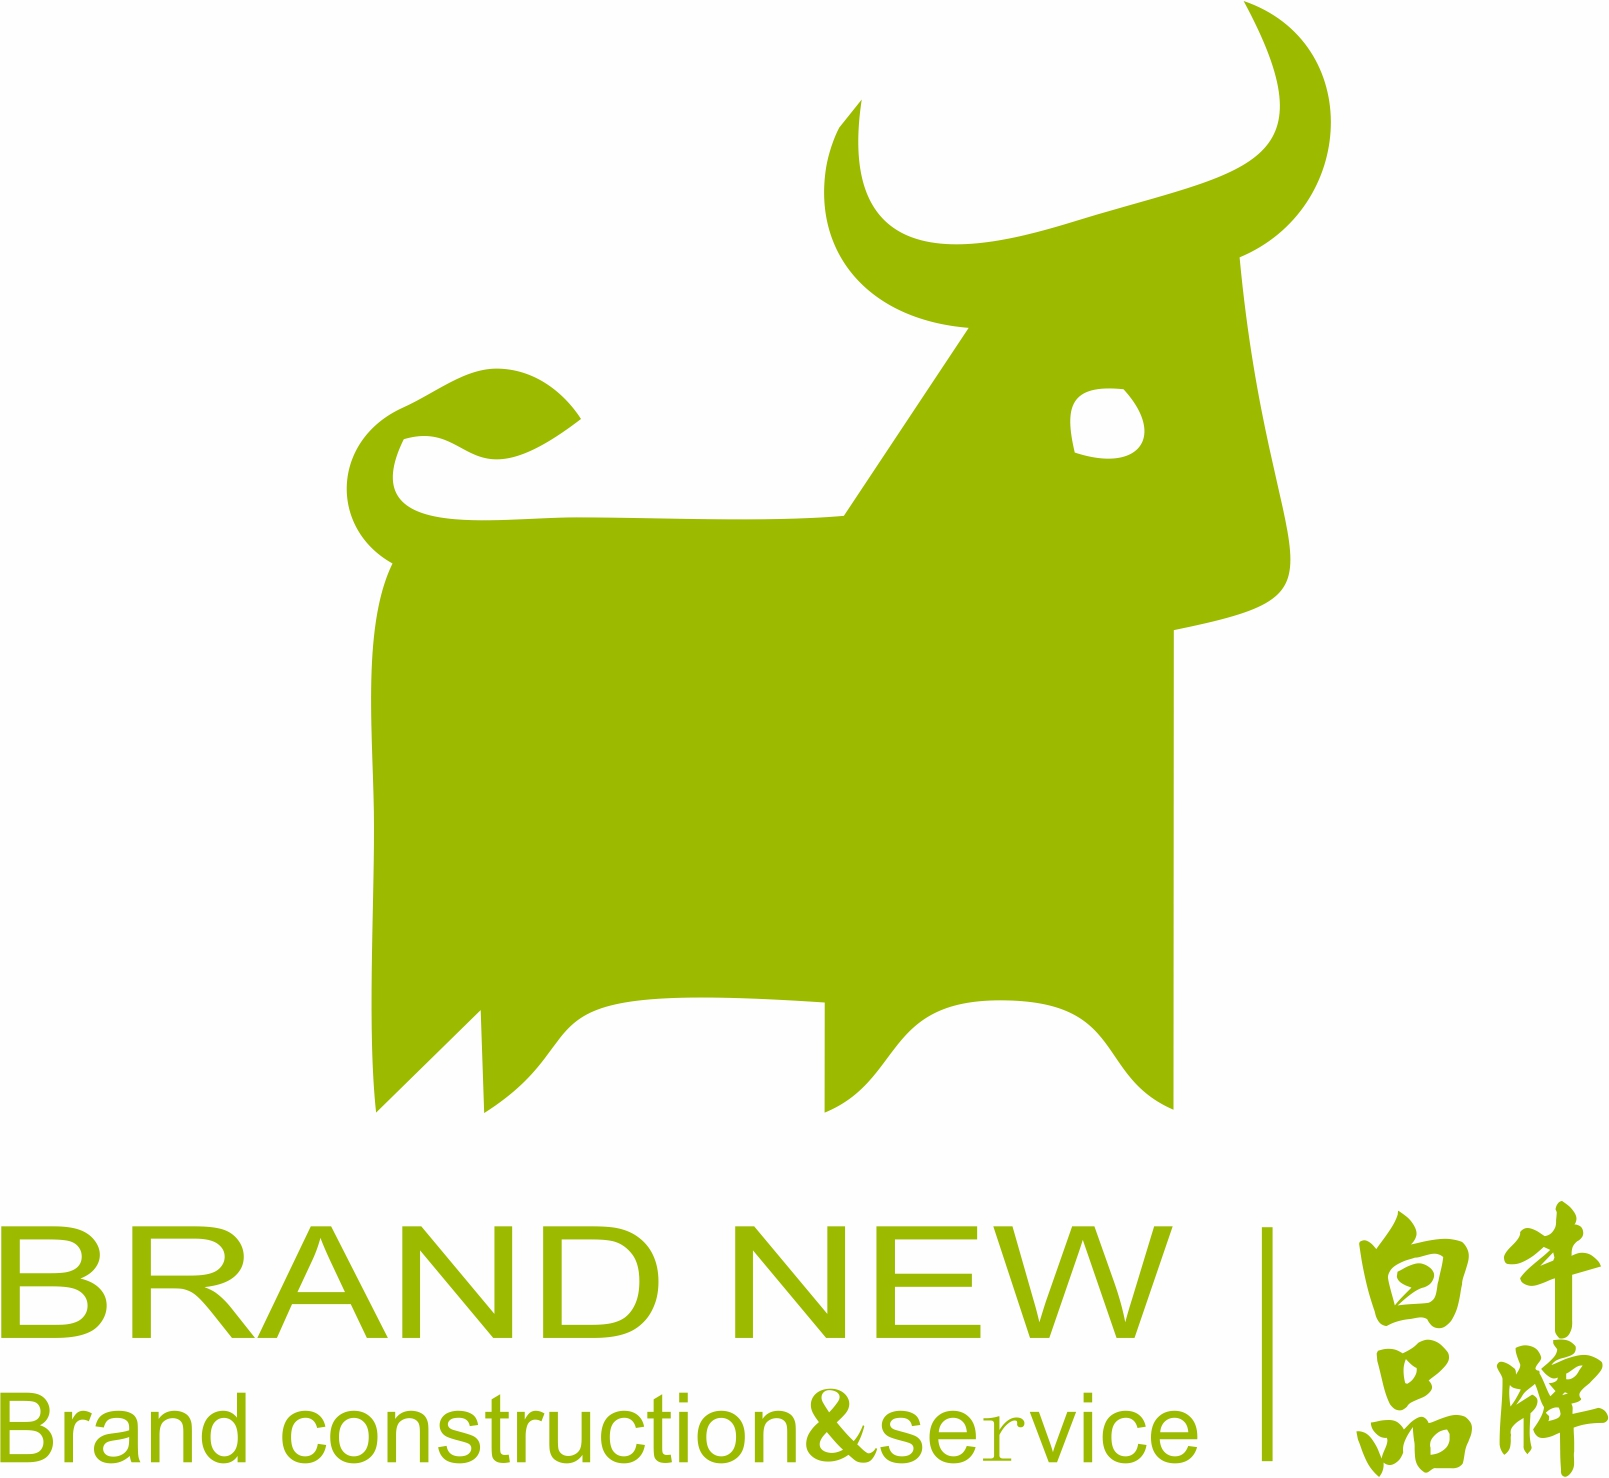 杭州白牛品牌营销策划有限公司